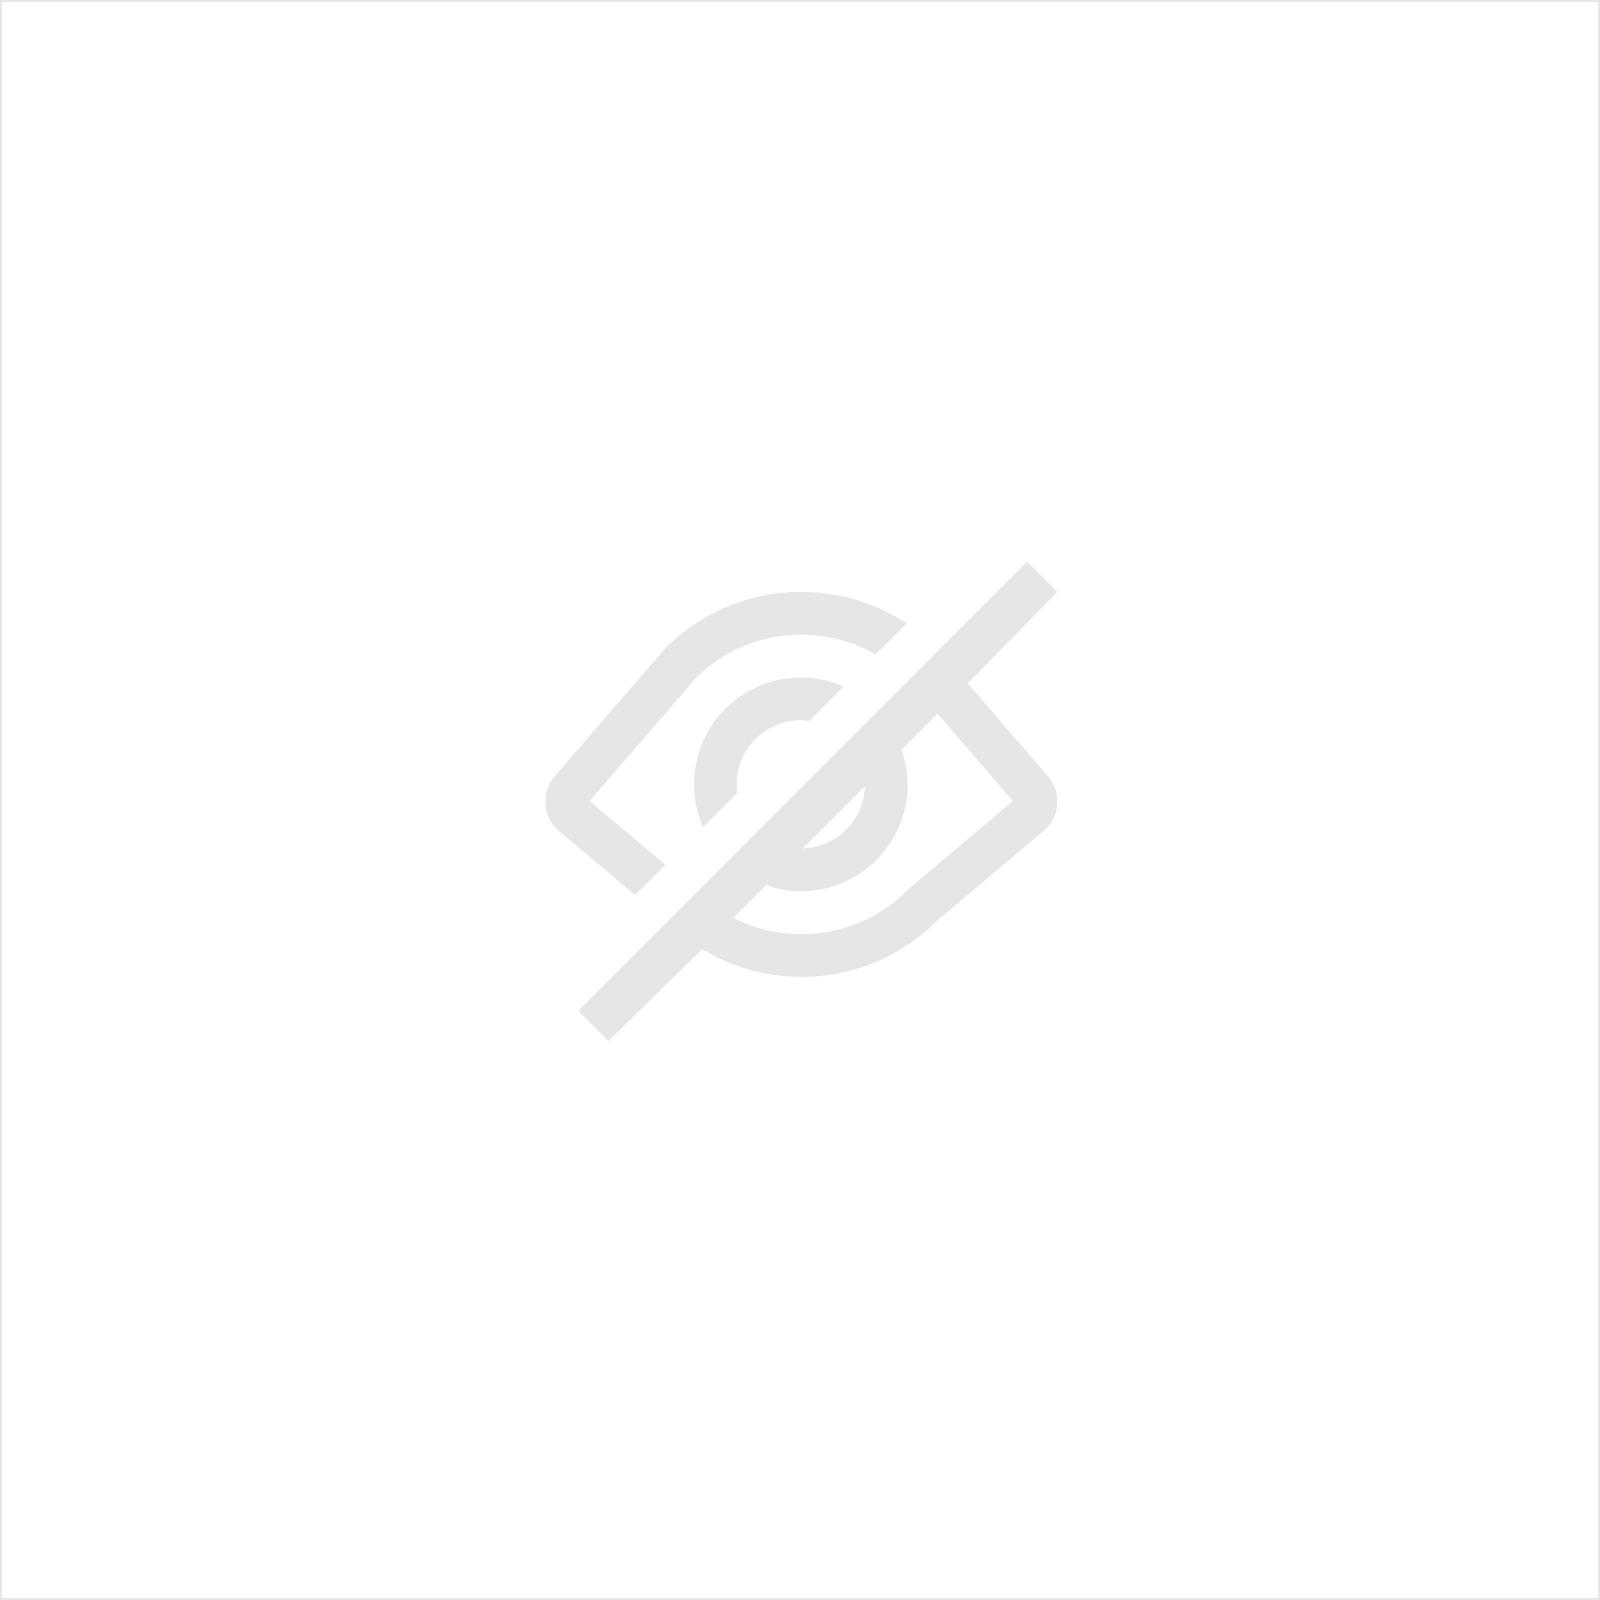 MINI CISAILLE CIRCULAIRE CAPACITE 0,8 MM